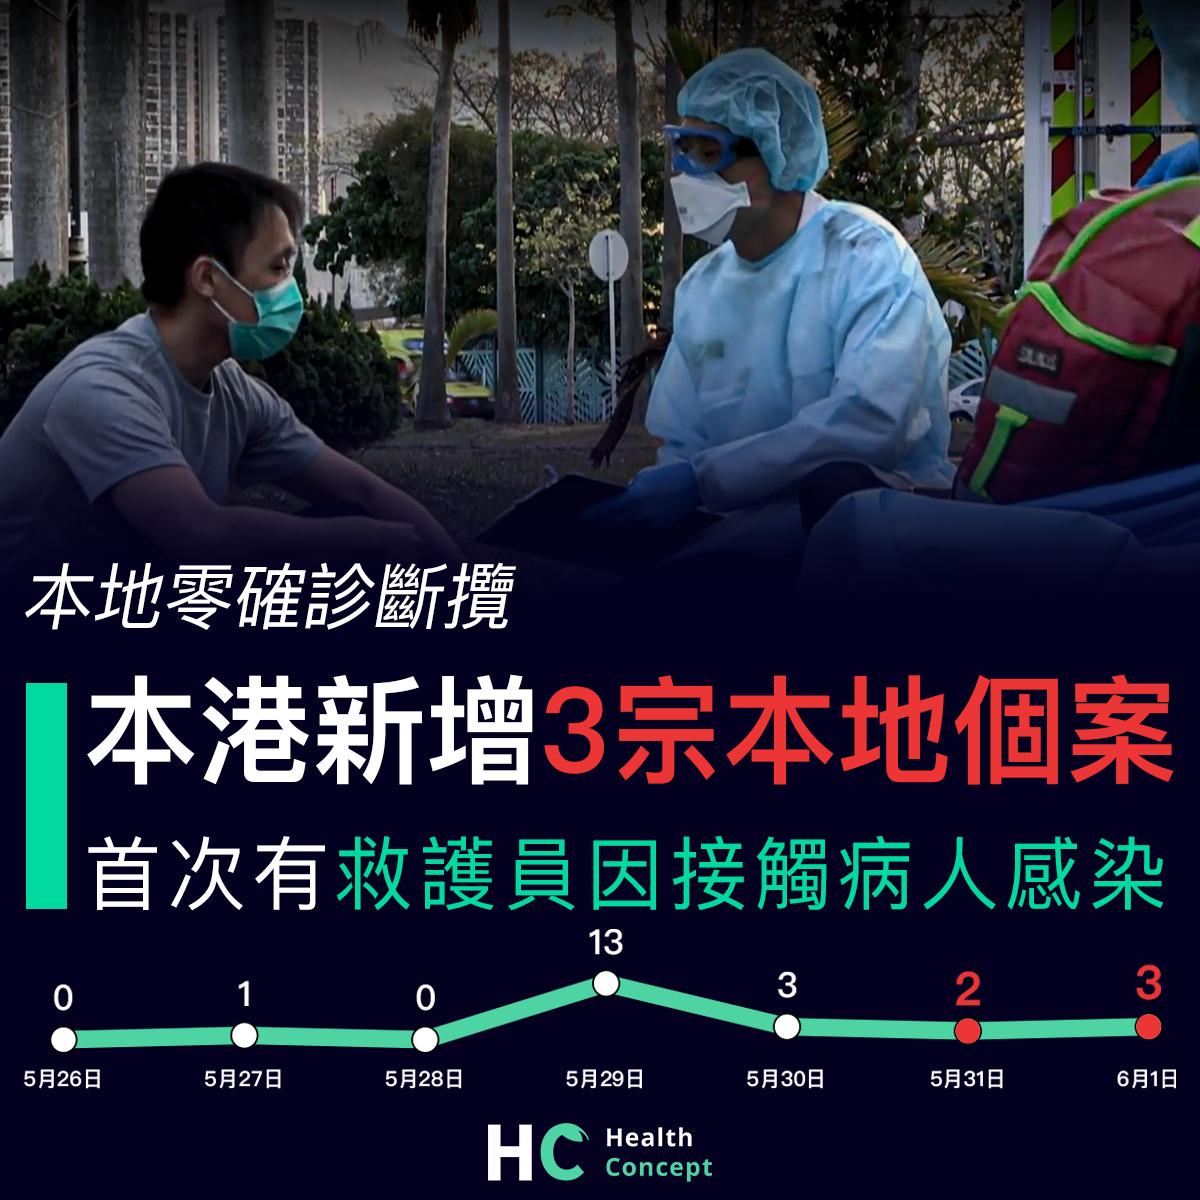 【#新型肺炎】本港新增3宗本地個案 首次有救護員因接觸病人感染